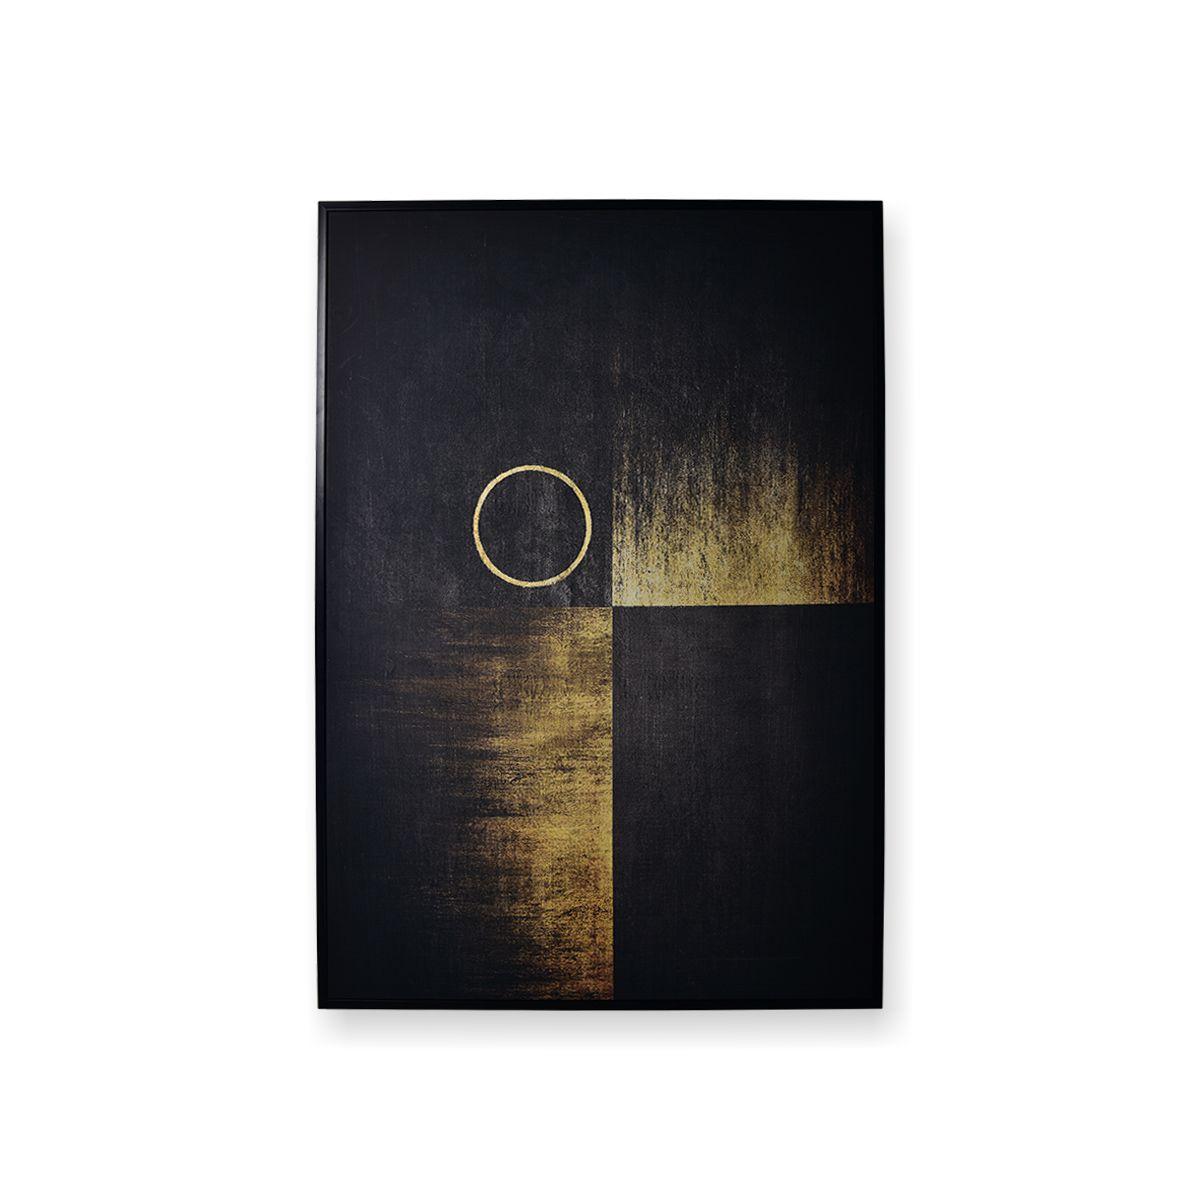 uadro Decor Abstrato Esquadro Dourado